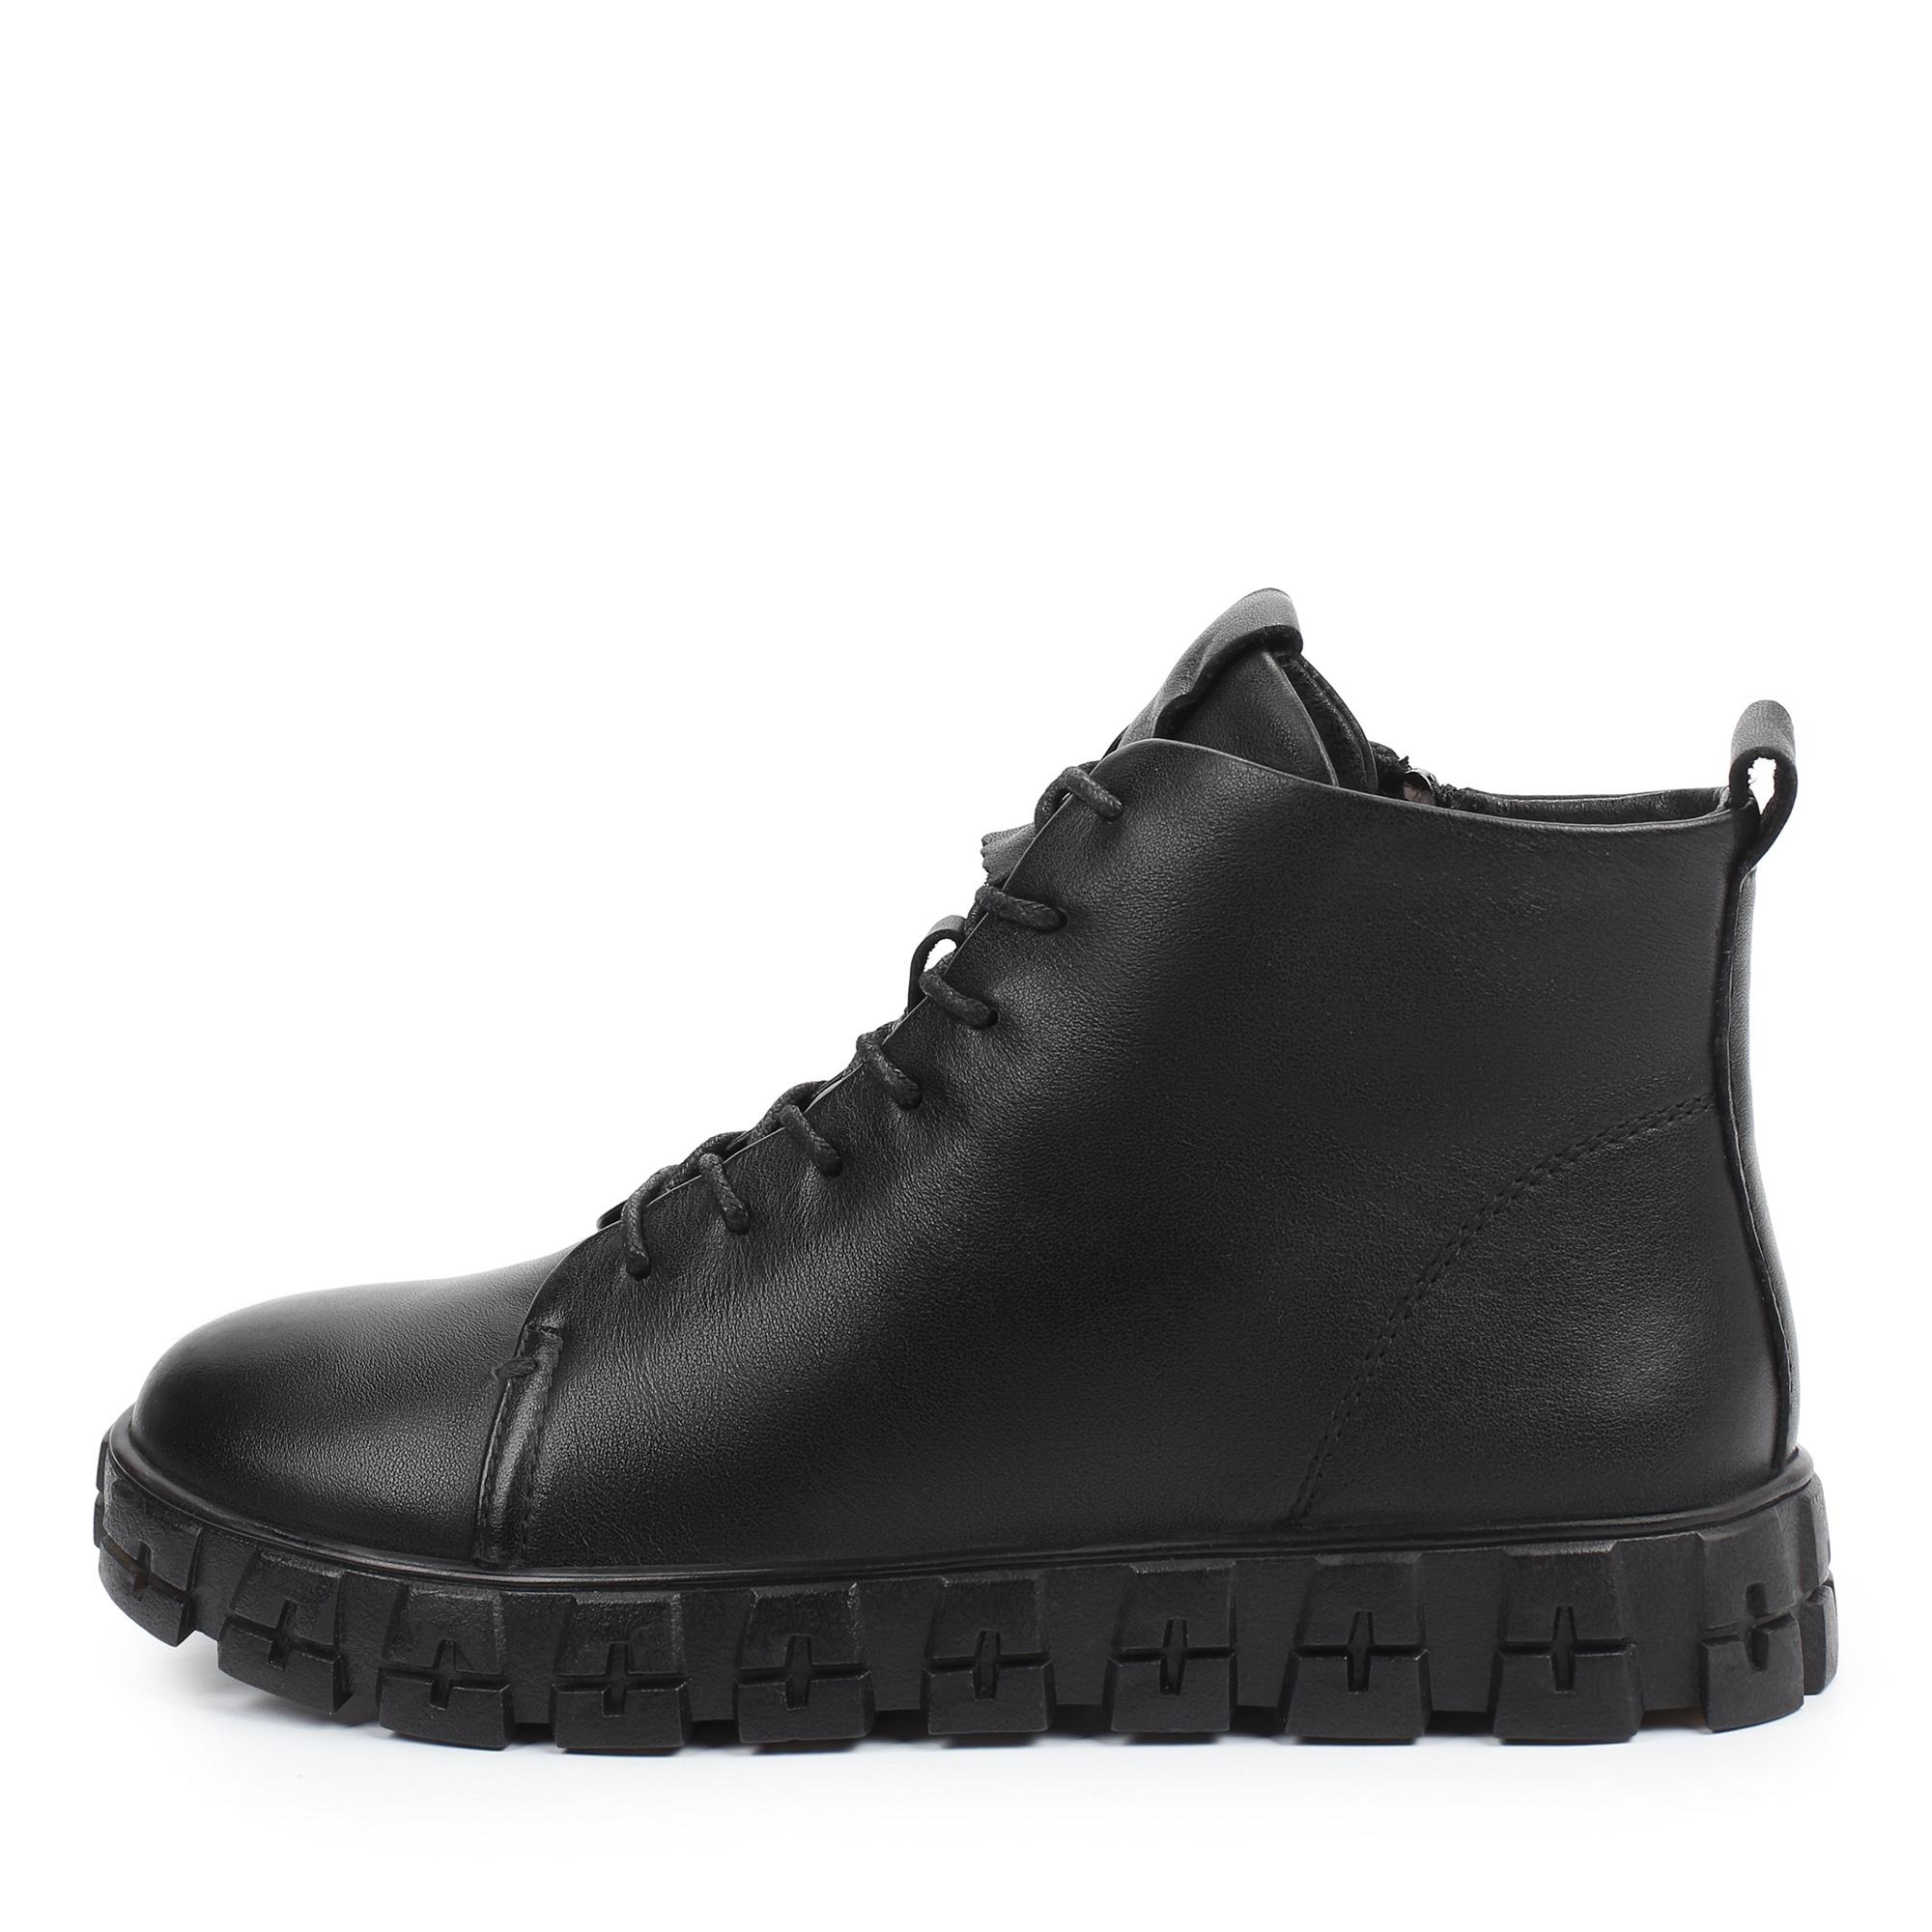 Ботинки Thomas Munz 140-063B-2102